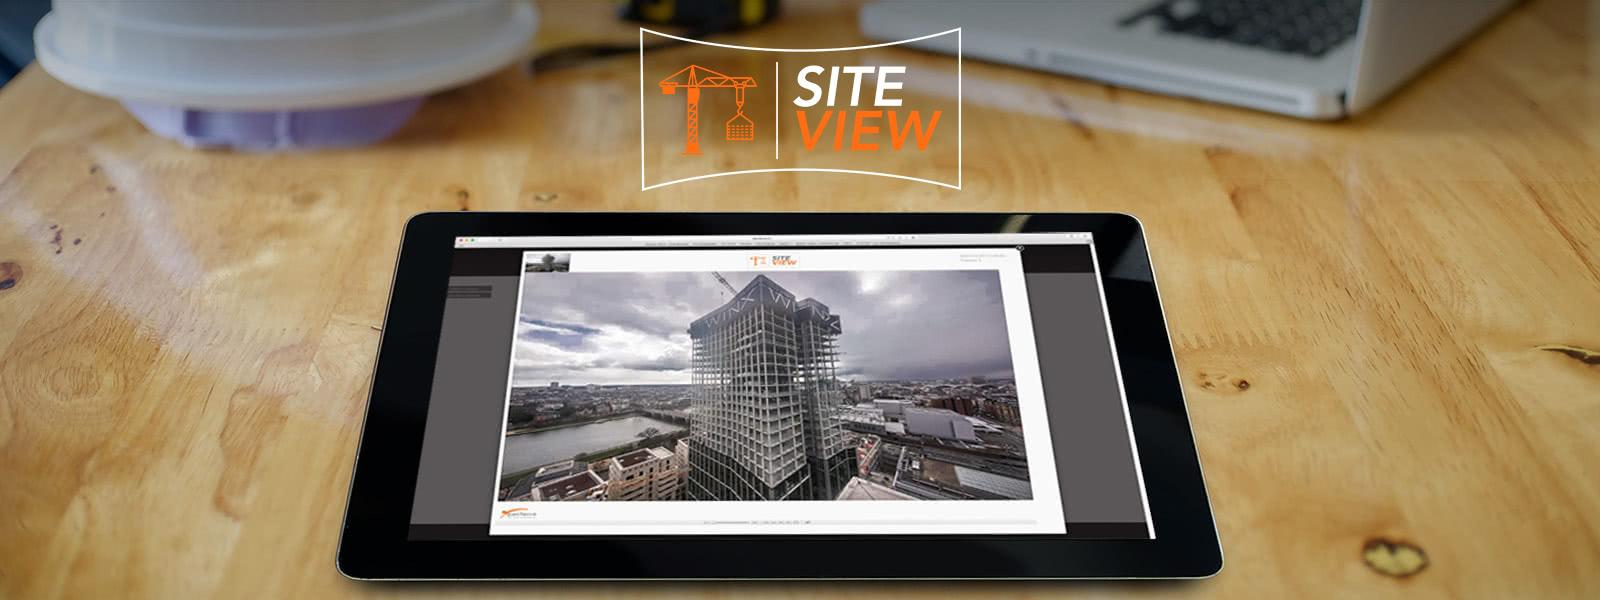 Mbm Panterra Llc Online Construction Webcam Features